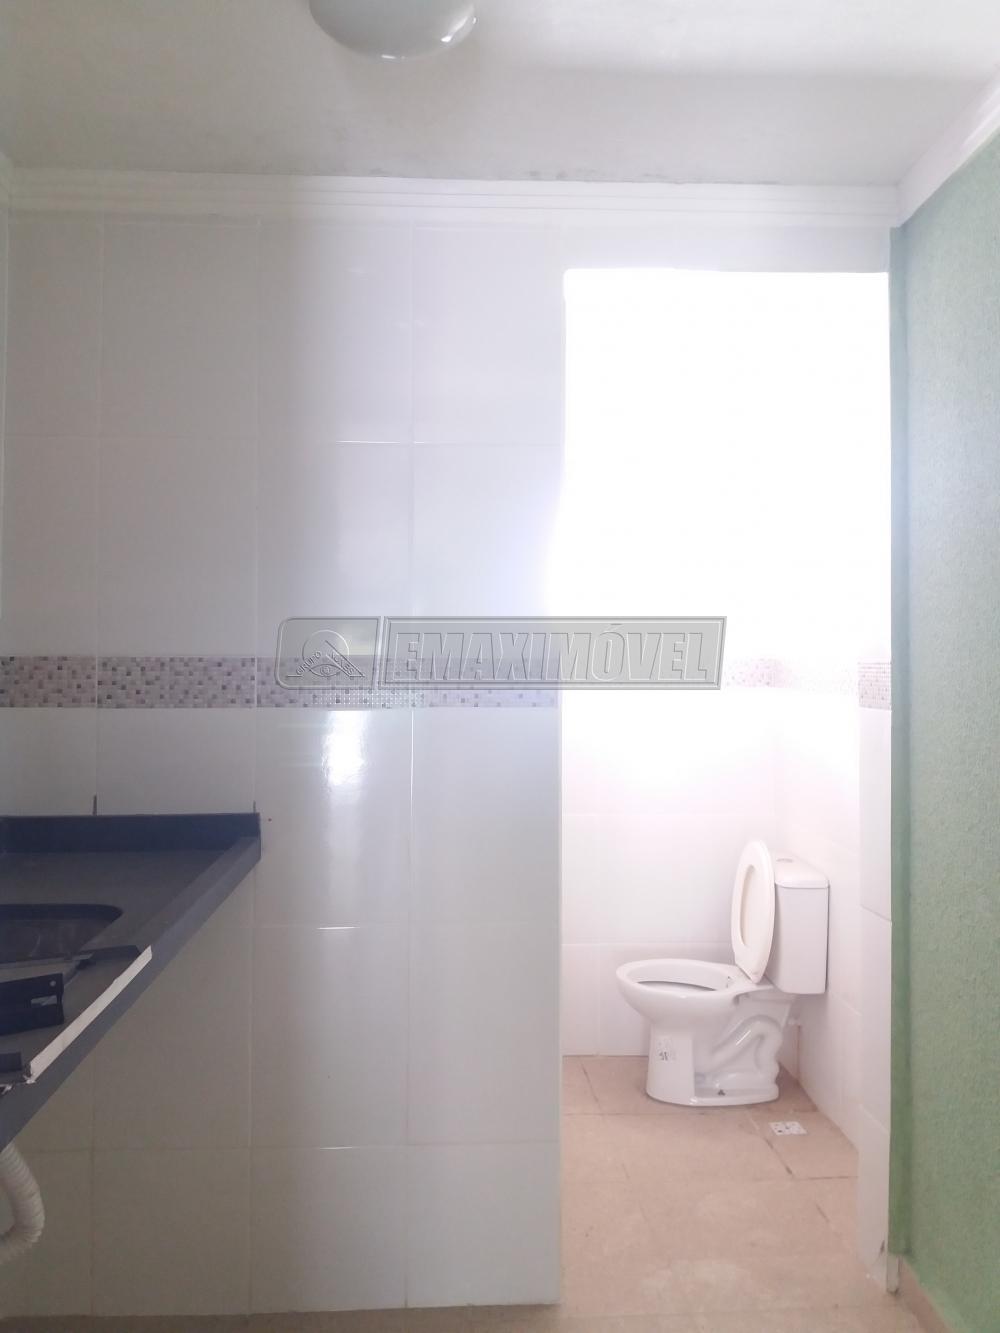 Alugar Salão Comercial / Negócios em Sorocaba R$ 2.200,00 - Foto 6